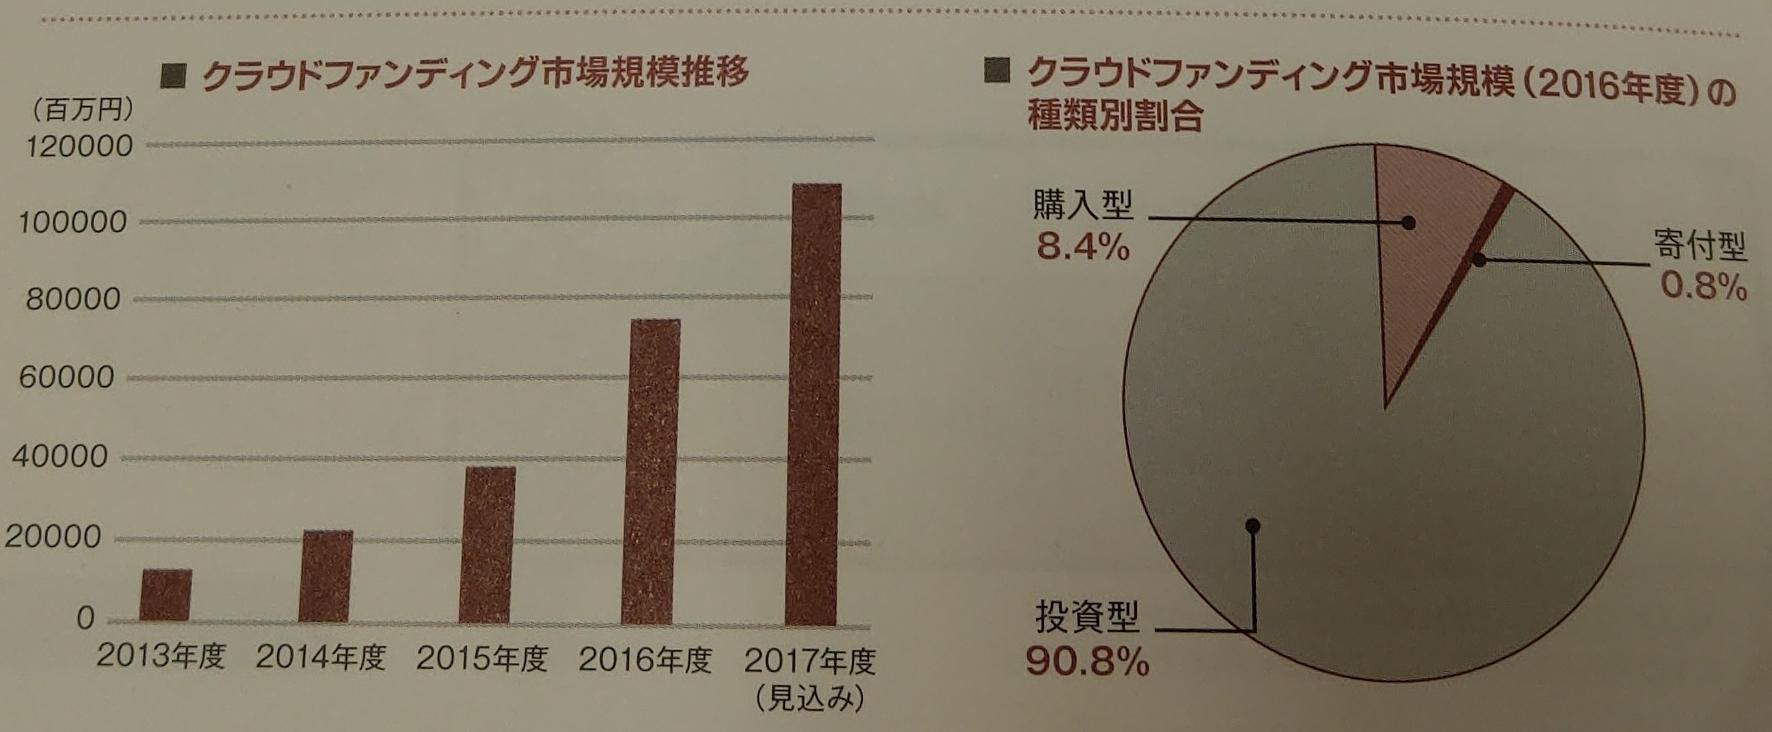 投資2.0 ~投資型クラウドファンディング入門_藤原久敏氏_グラフ2